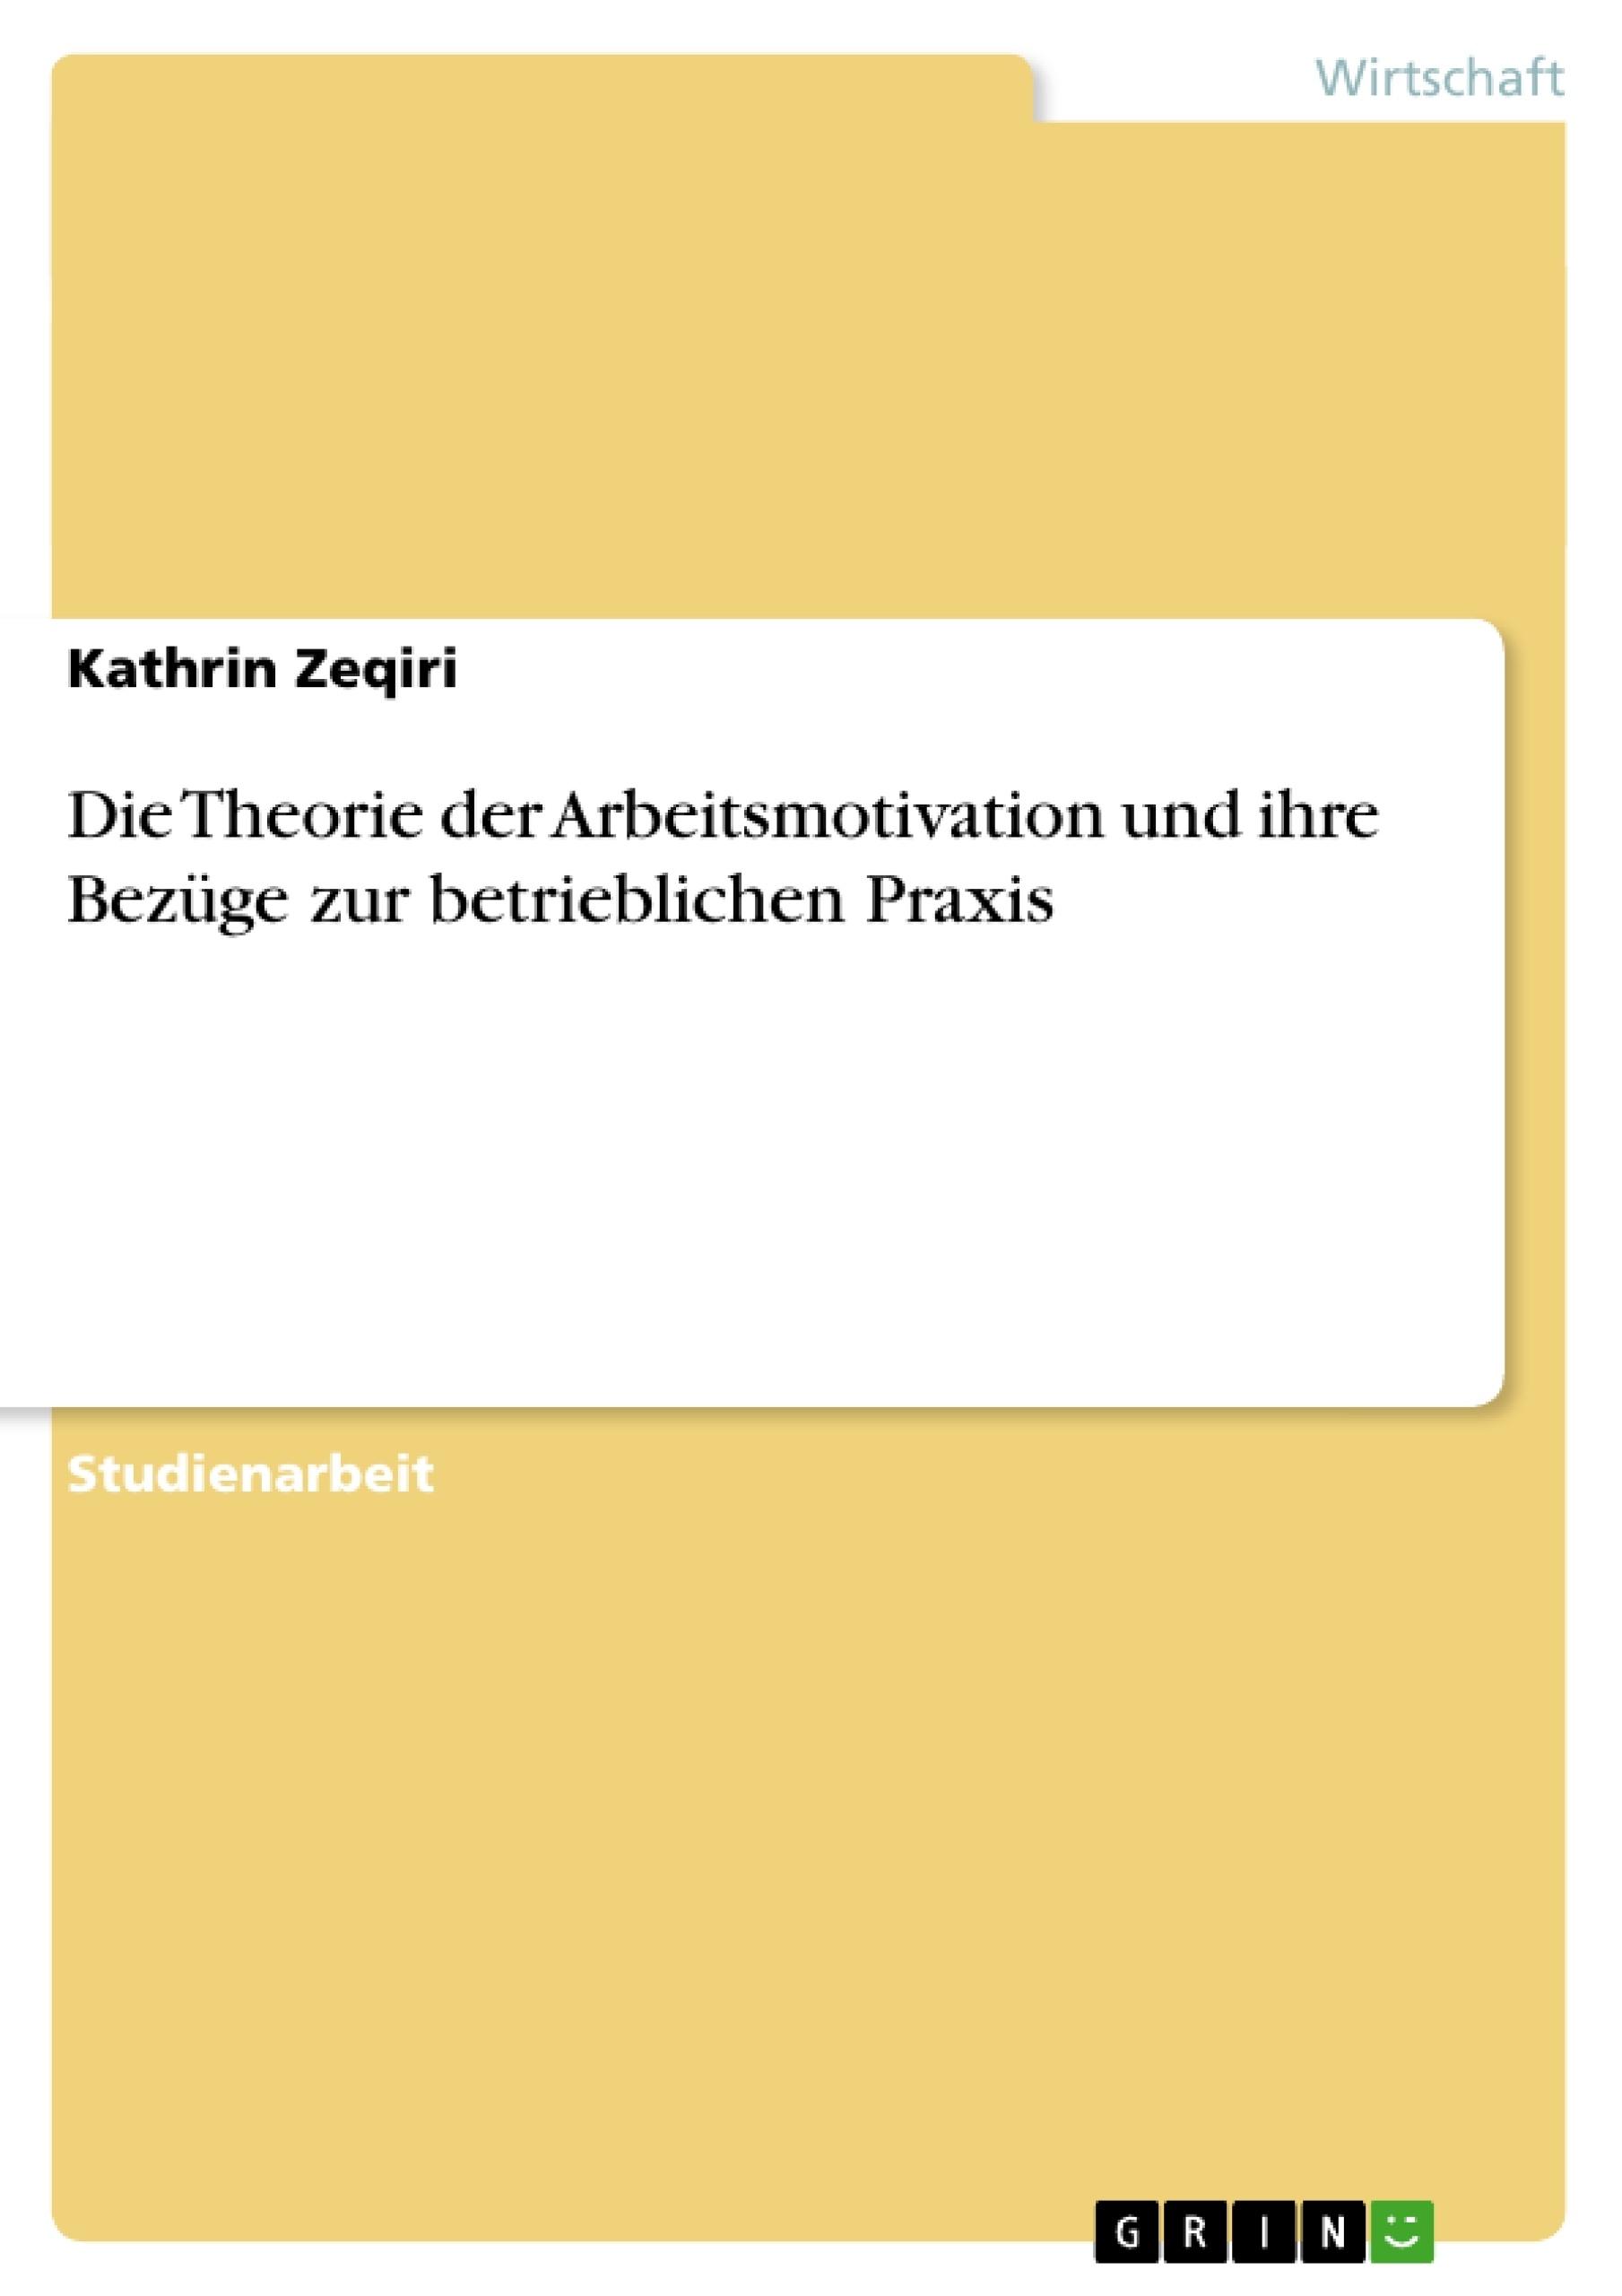 Titel: Die Theorie der Arbeitsmotivation und ihre Bezüge zur betrieblichen Praxis